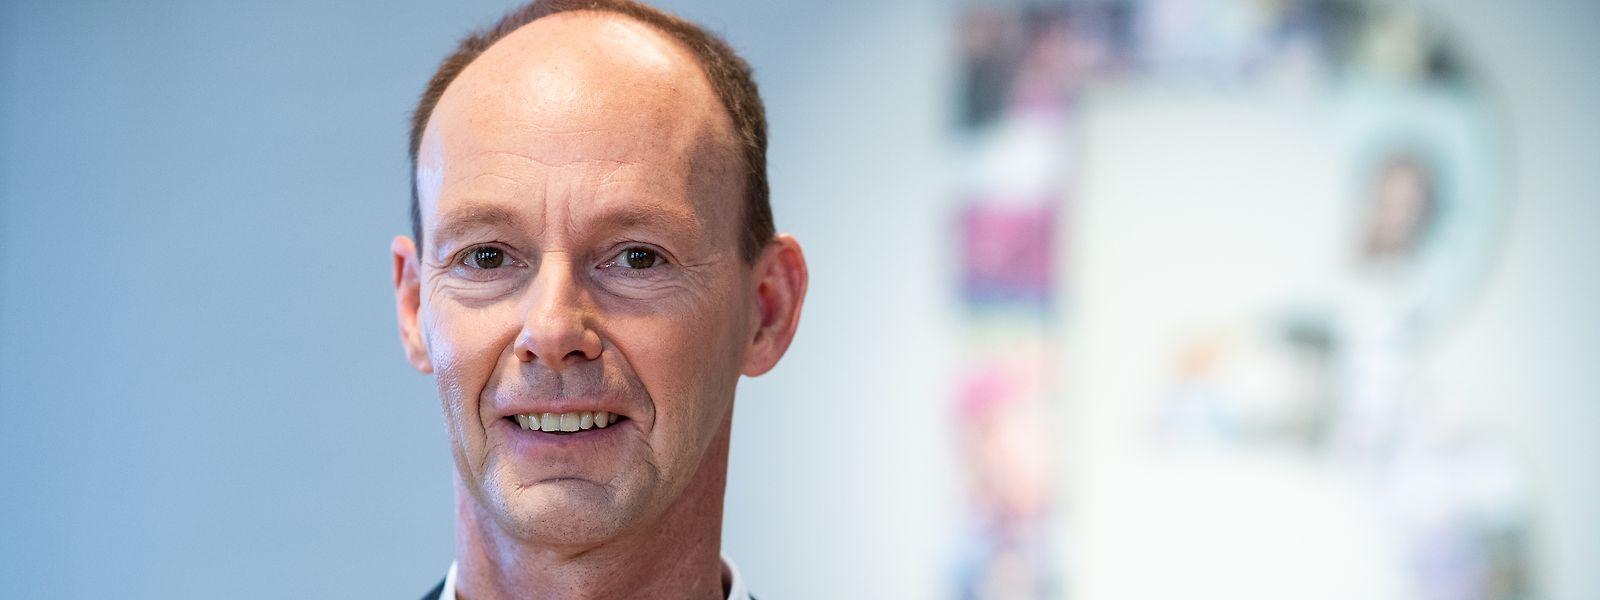 La baisse du chiffre d'affaires a été compensée «par des réductions de coûts», explique le PDG du groupe Thomas Rabe.